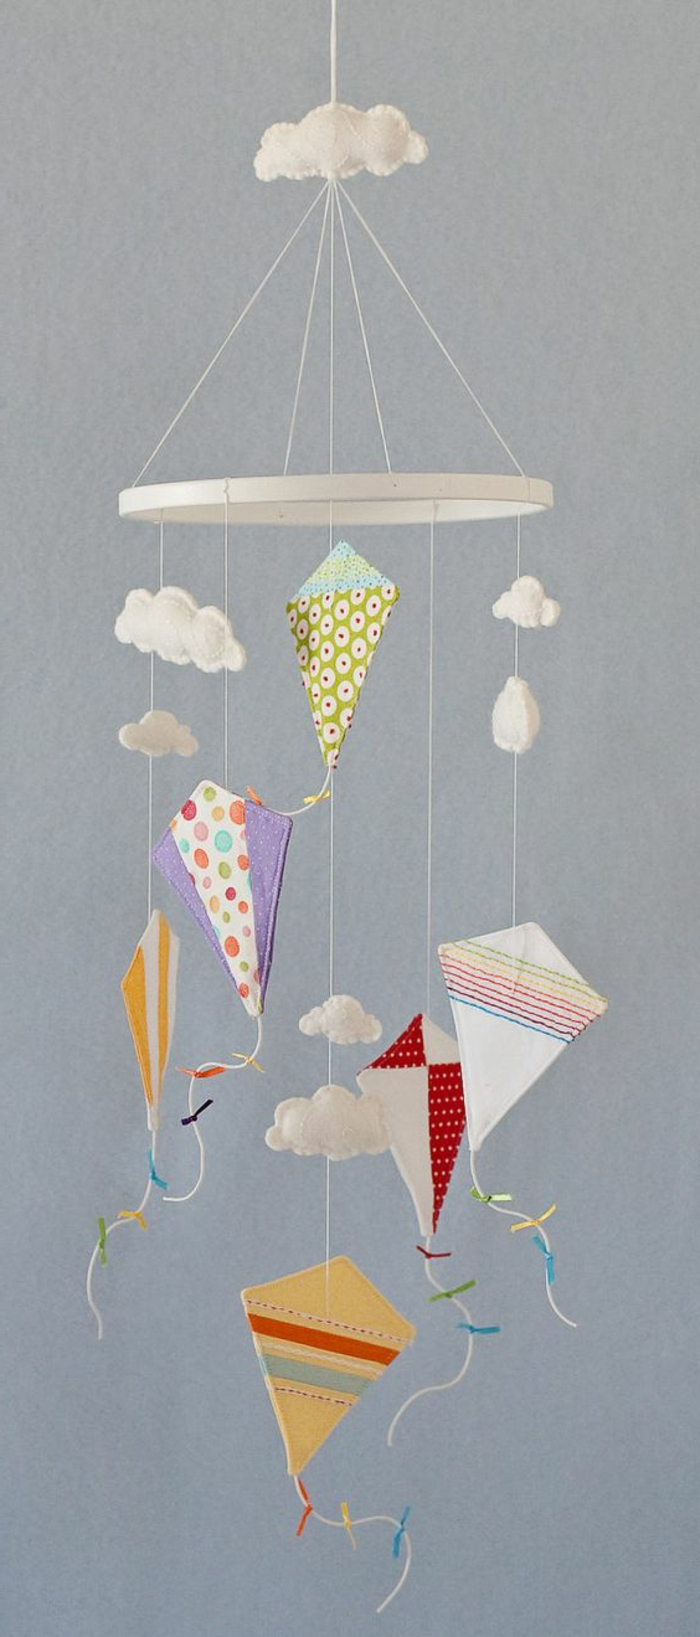 Mobile selbst basteln - Drachen und Wolken aus Watte